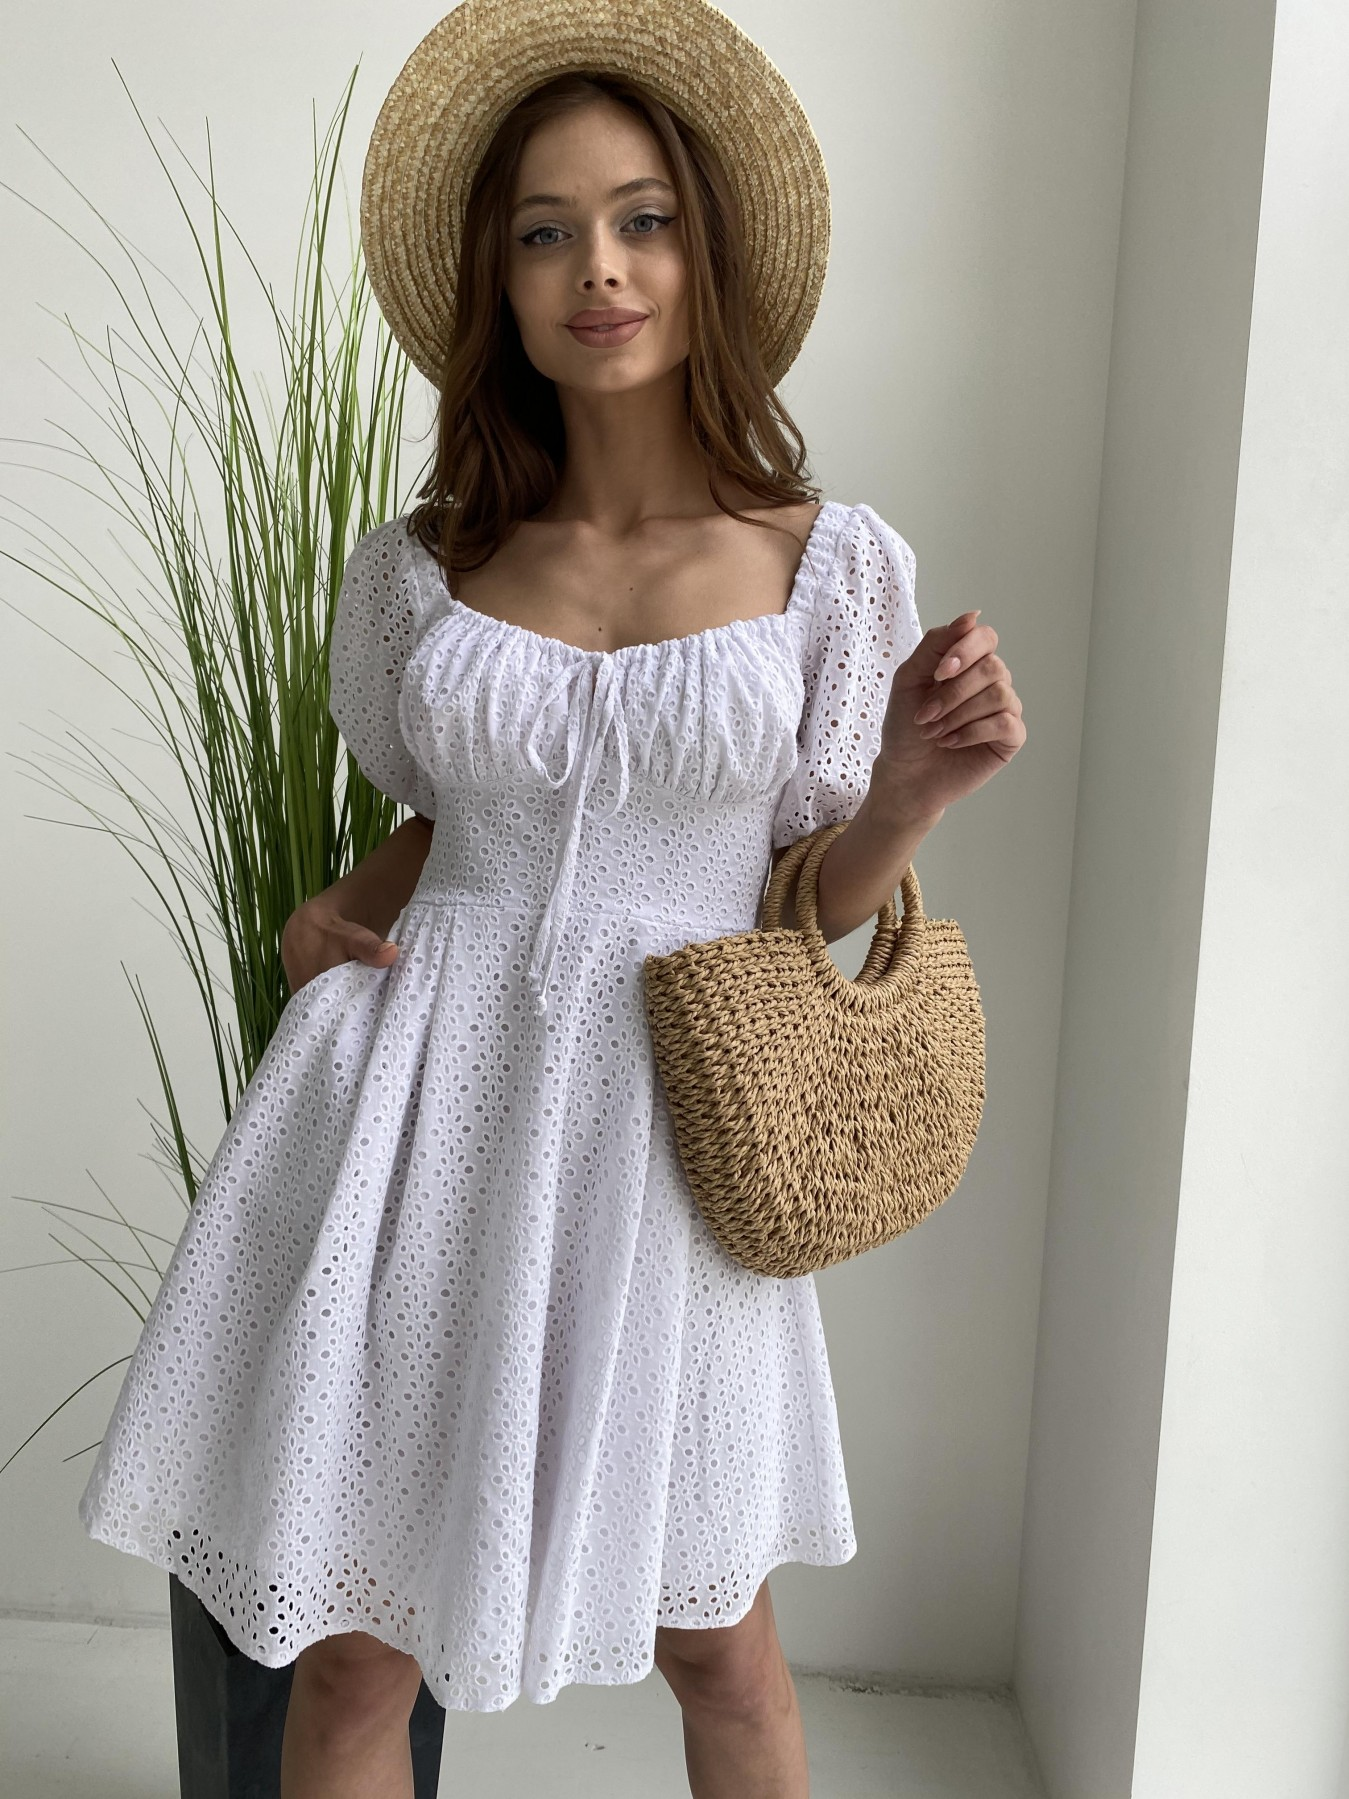 Кисес мини платье из прошвы 11439 АРТ. 48012 Цвет: Белый/МелЦветПерфор - фото 6, интернет магазин tm-modus.ru